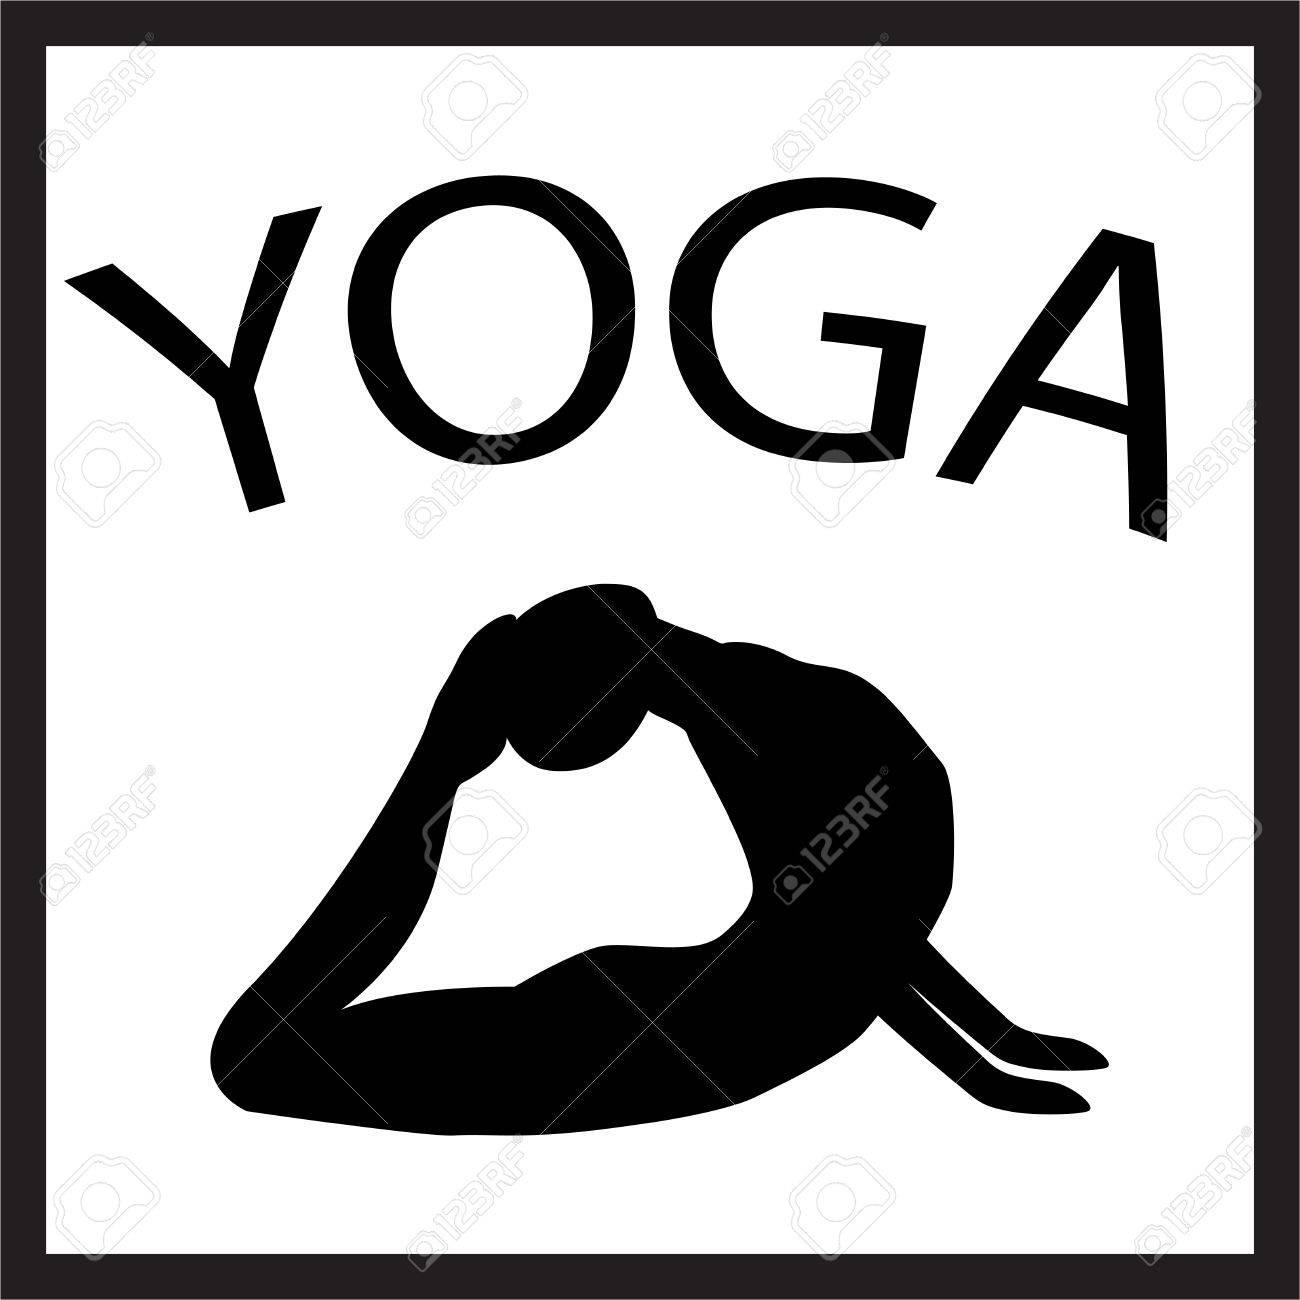 Chica En Posición De Yoga. Silueta Femenina Negro Sobre Fondo Blanco. Vector  Icono De Forma De Mujer. Ilustración De La Yoga. Yogui En Asana. b8da93e1265d